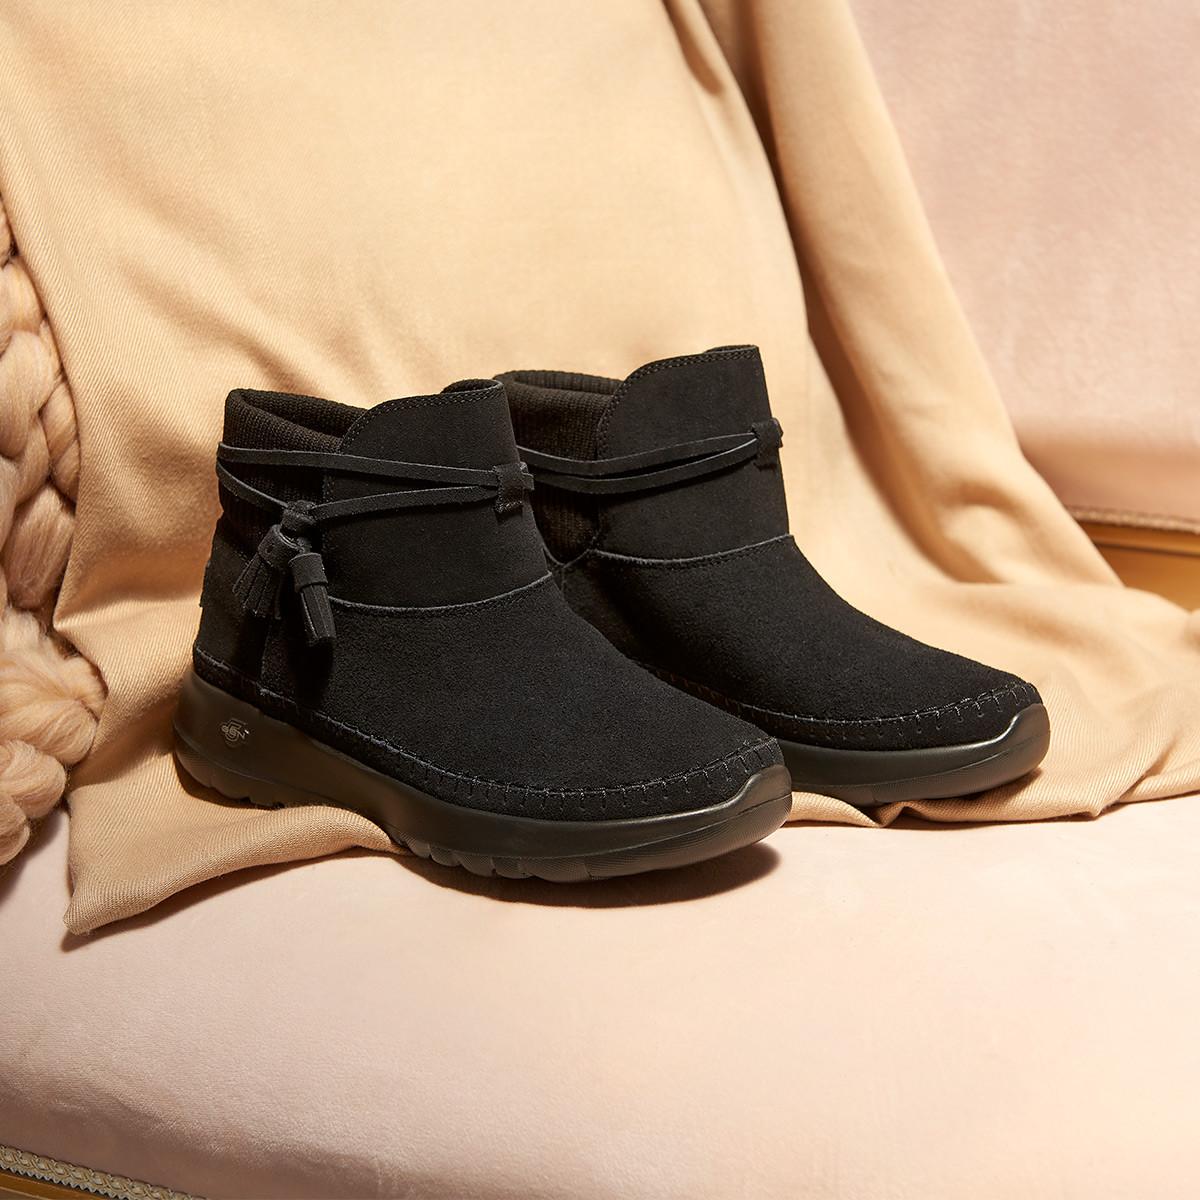 斯凯奇秋冬 轻便舒适女子时尚舒适保暖短靴休闲运动鞋